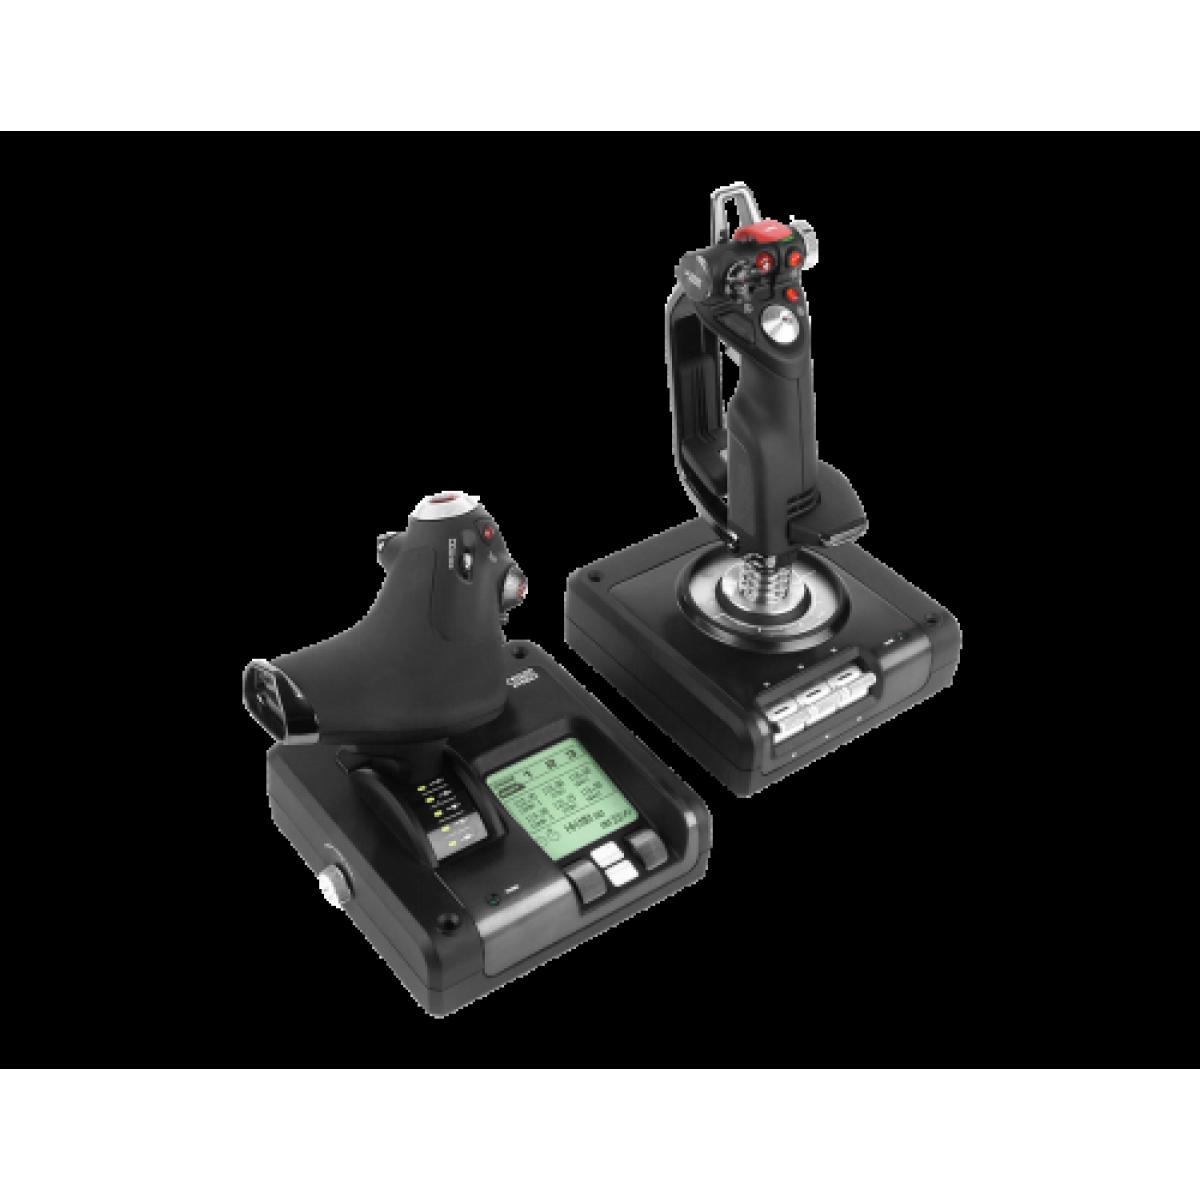 Controlador de simulação com manete e acelerador com partes metálicas x52 professional H.O.T.A.S. Saitek